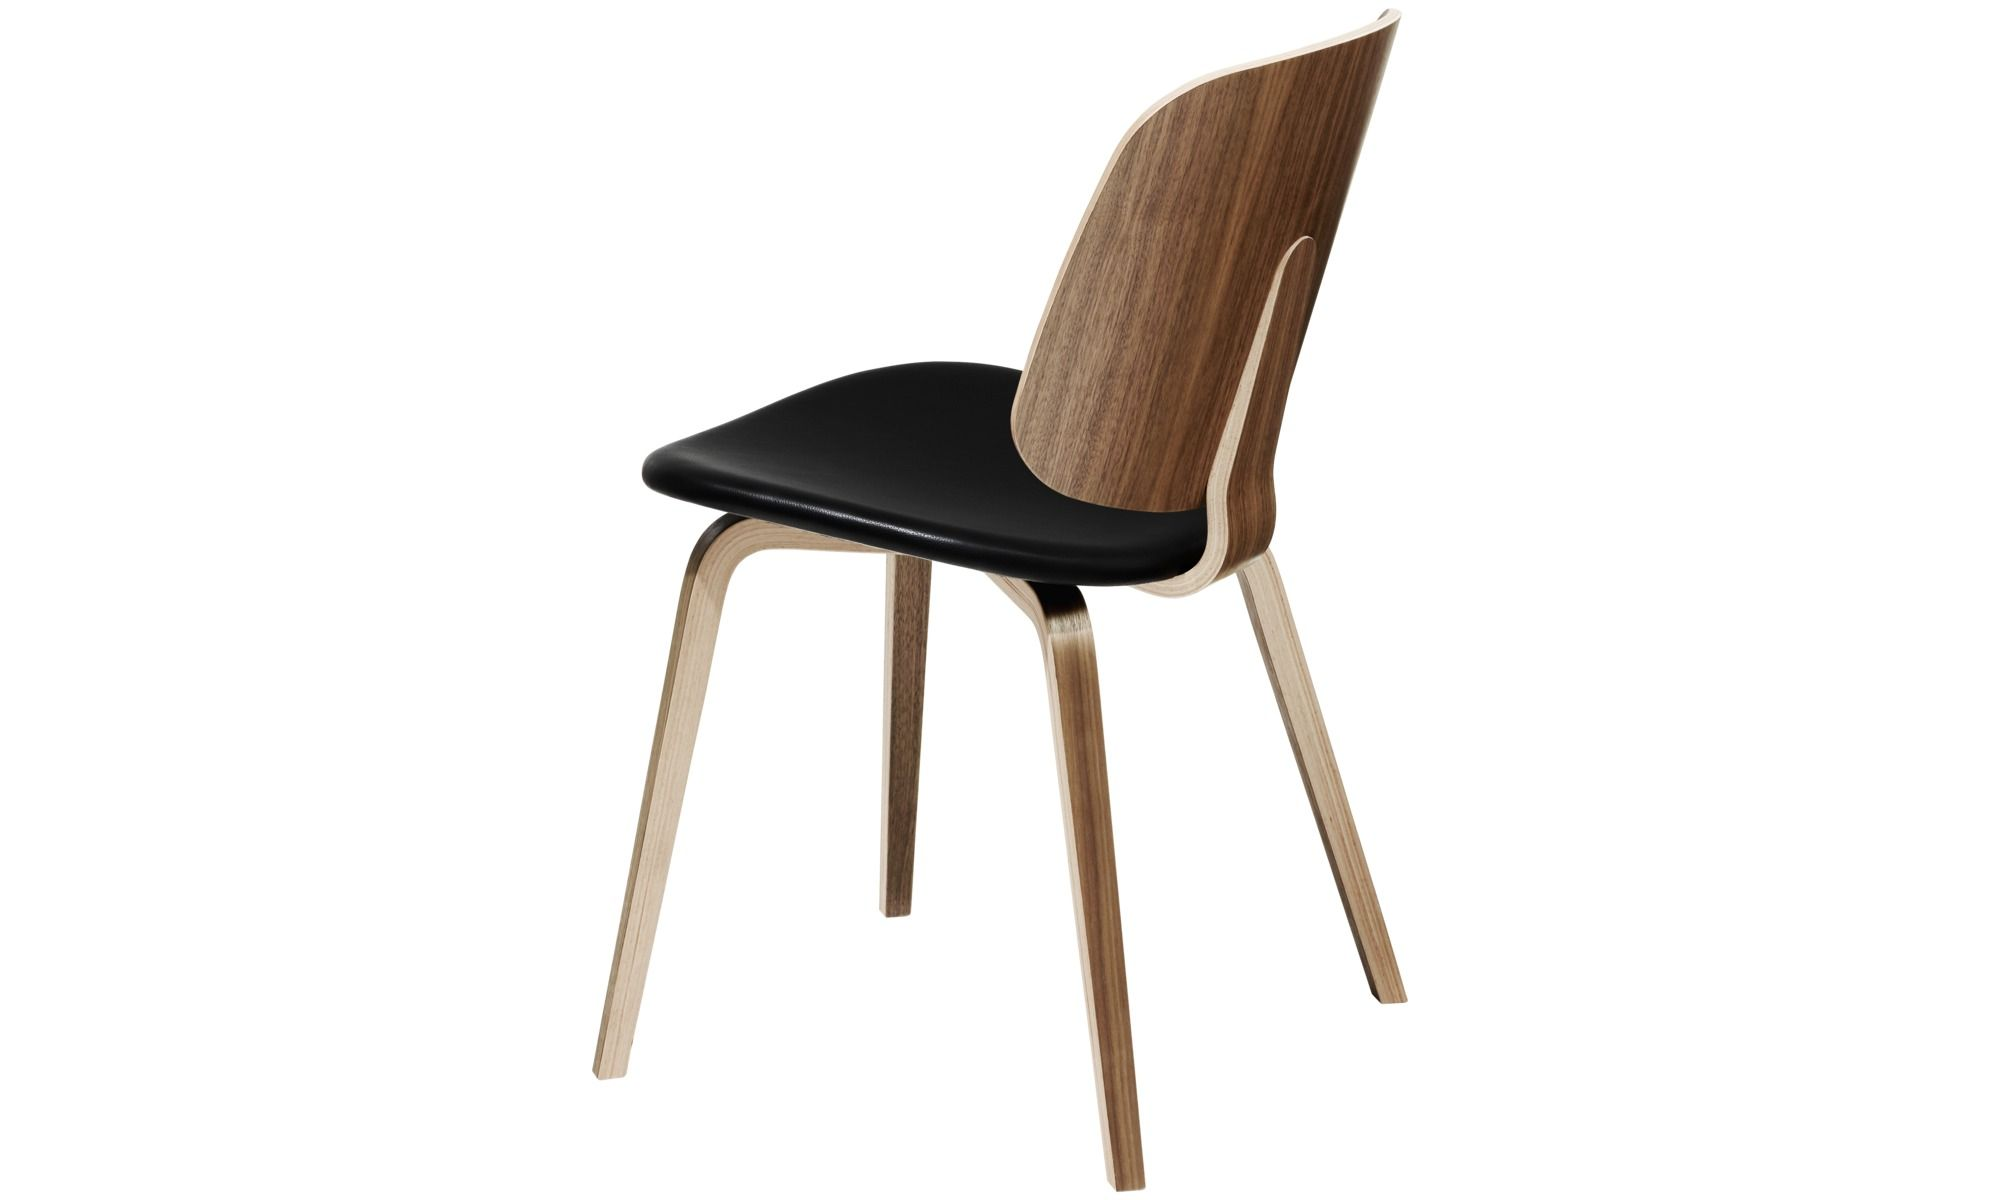 Esszimmerstühle Aarhus Stuhl Schwarz Leder Esszimmer Pinterest